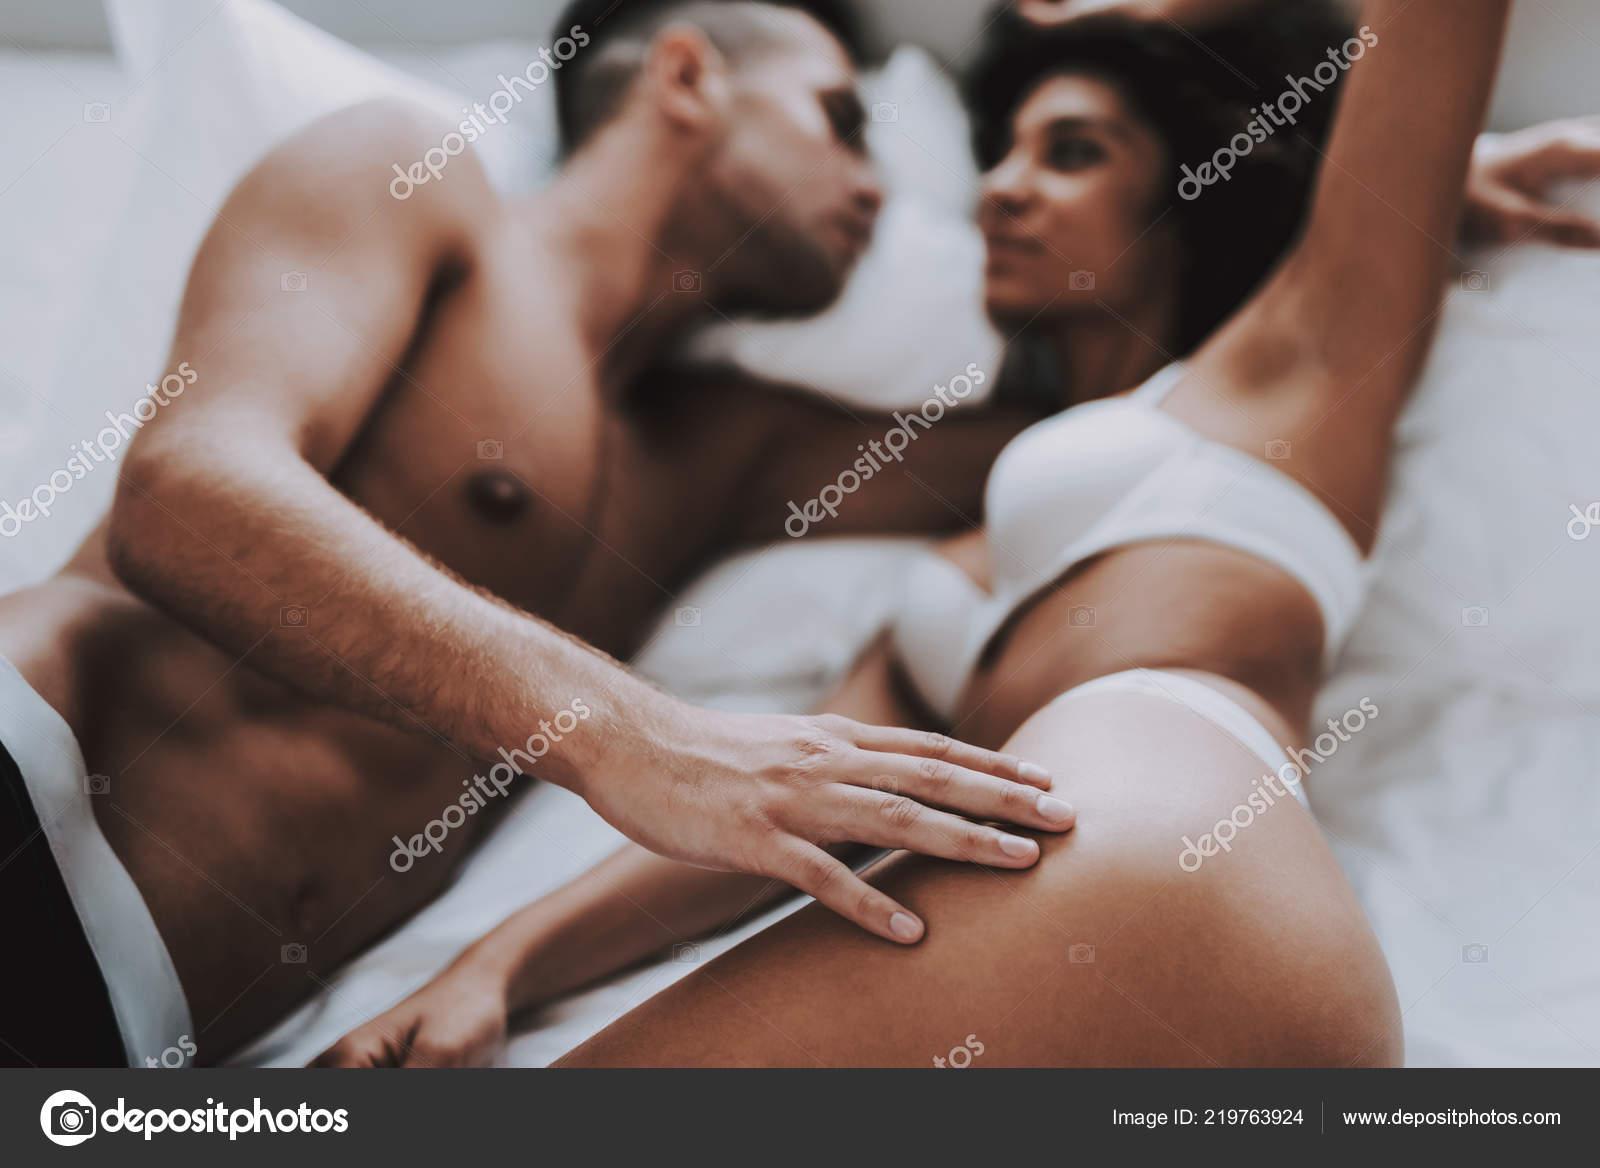 πρωκτικό σεξ και αιμαοροειδή